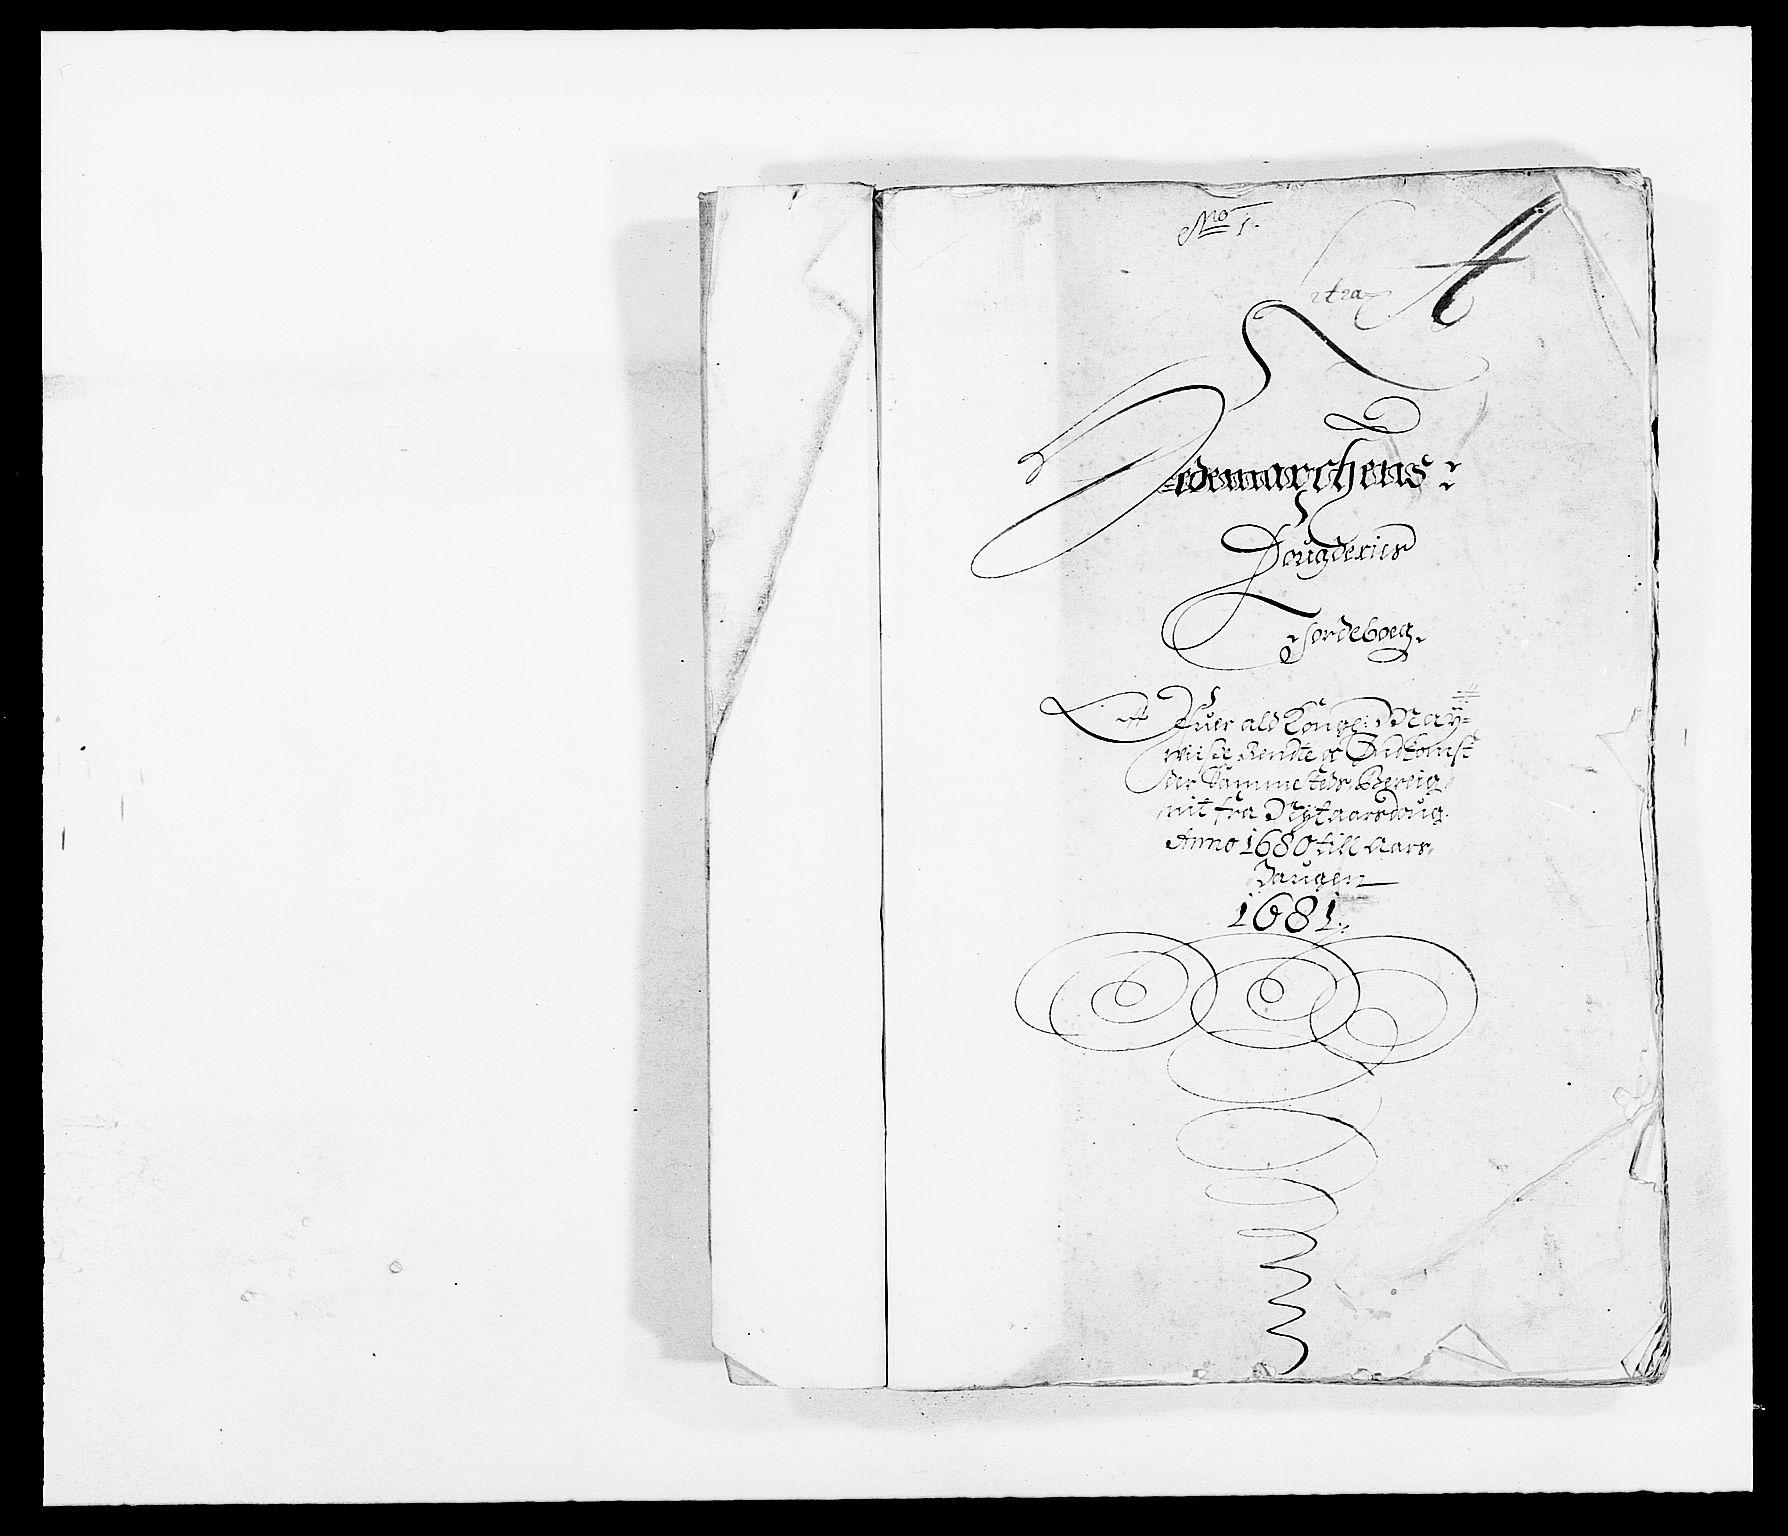 RA, Rentekammeret inntil 1814, Reviderte regnskaper, Fogderegnskap, R16/L1020: Fogderegnskap Hedmark, 1680, s. 11